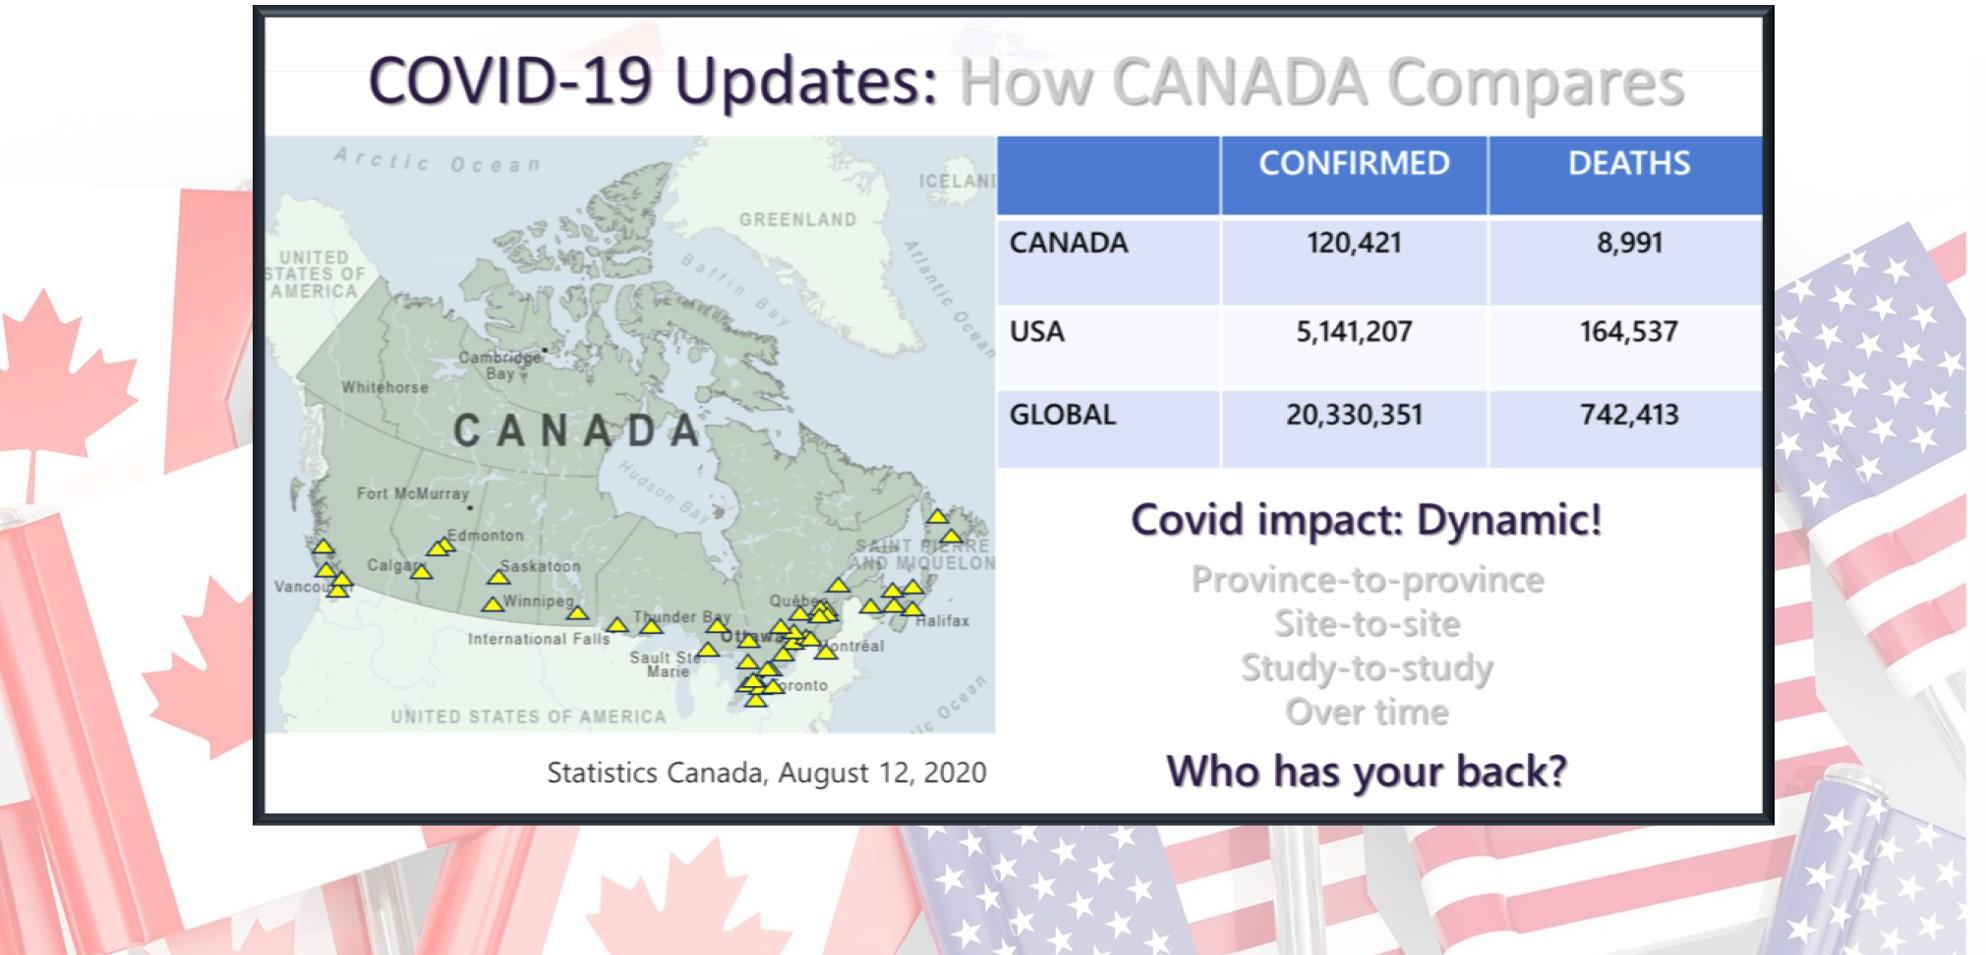 How Canada Compares